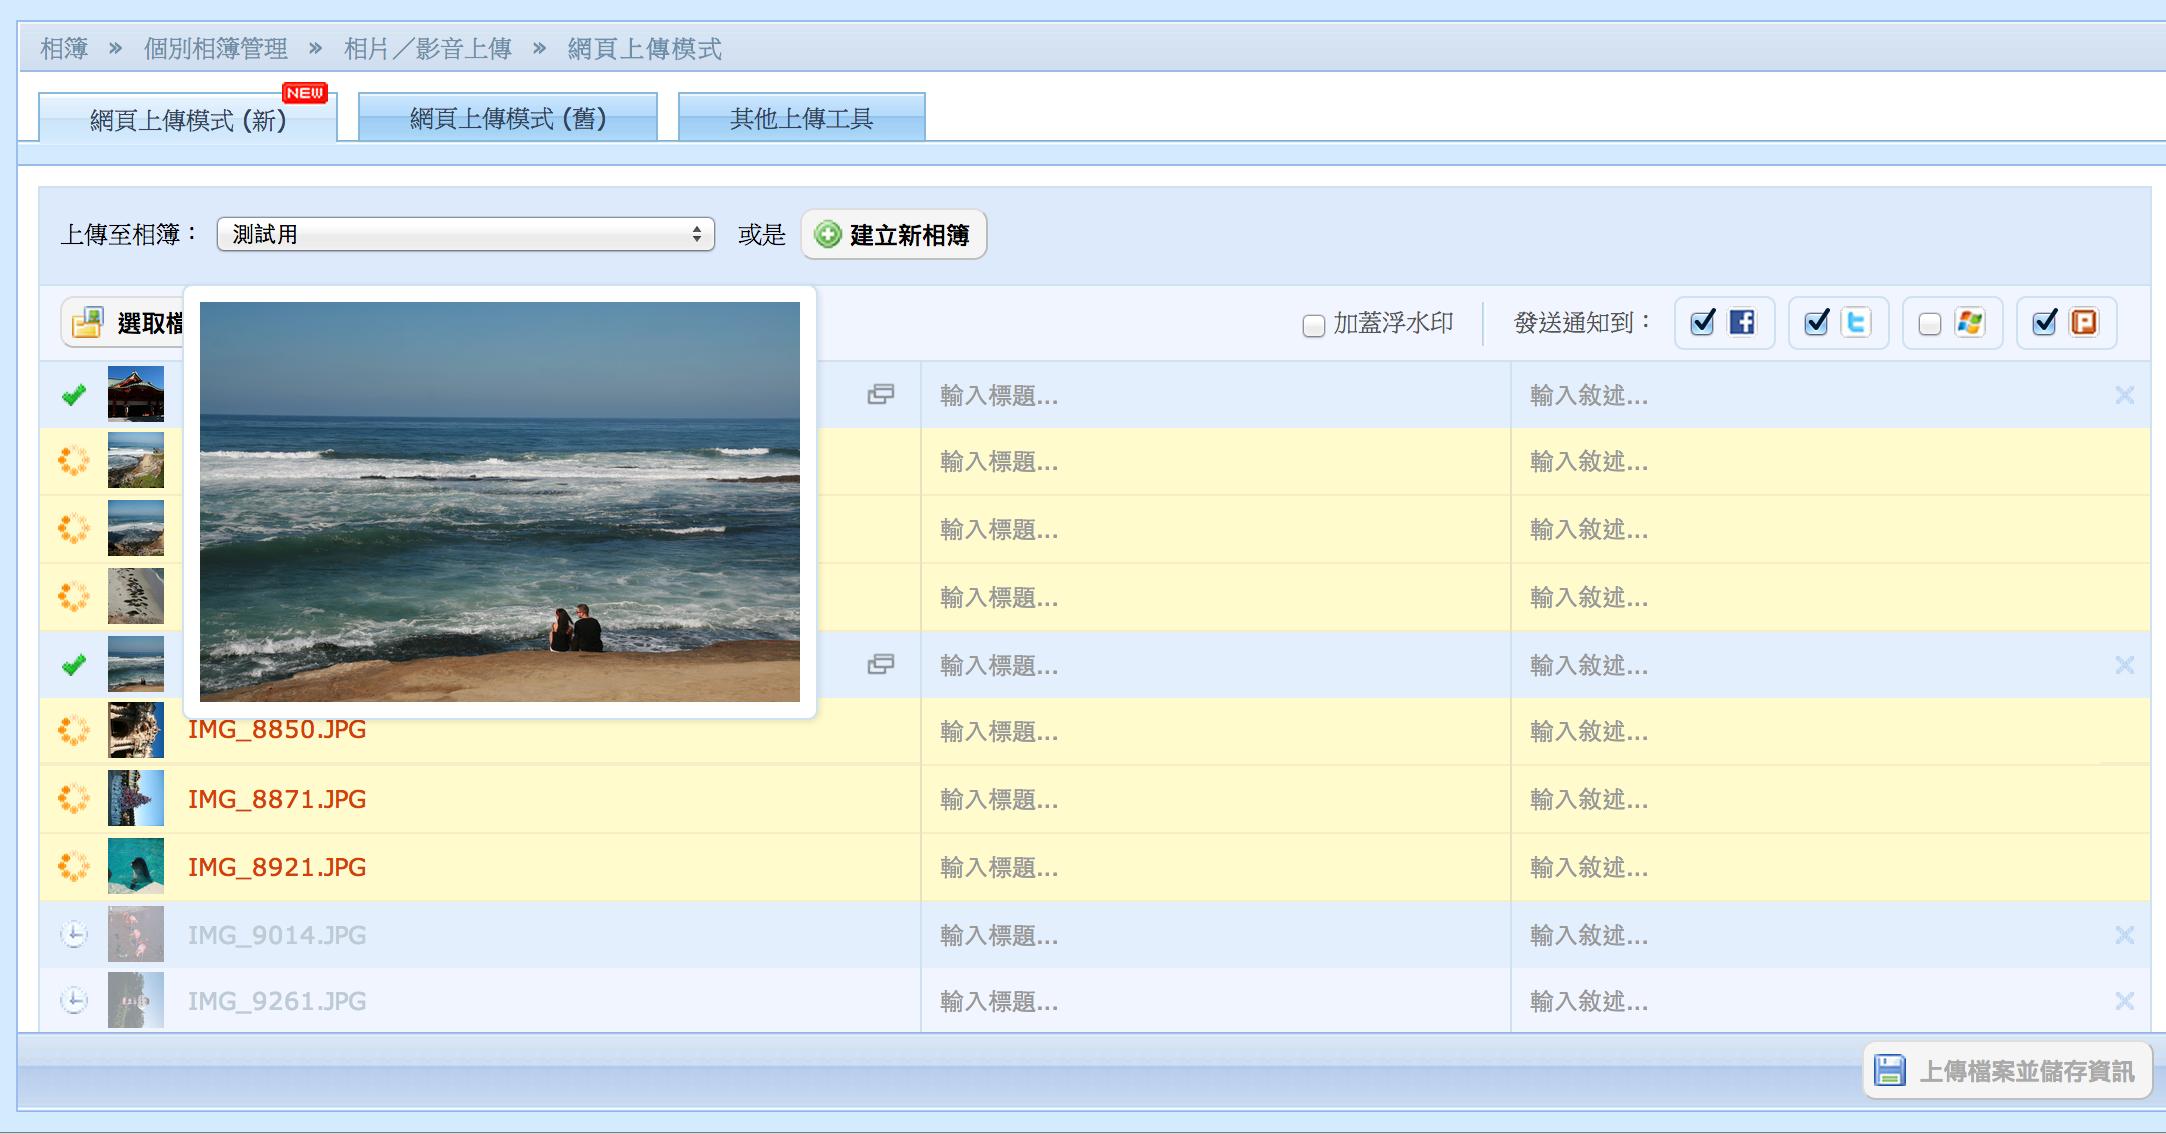 螢幕快照 2013-03-20 上午11.44.57